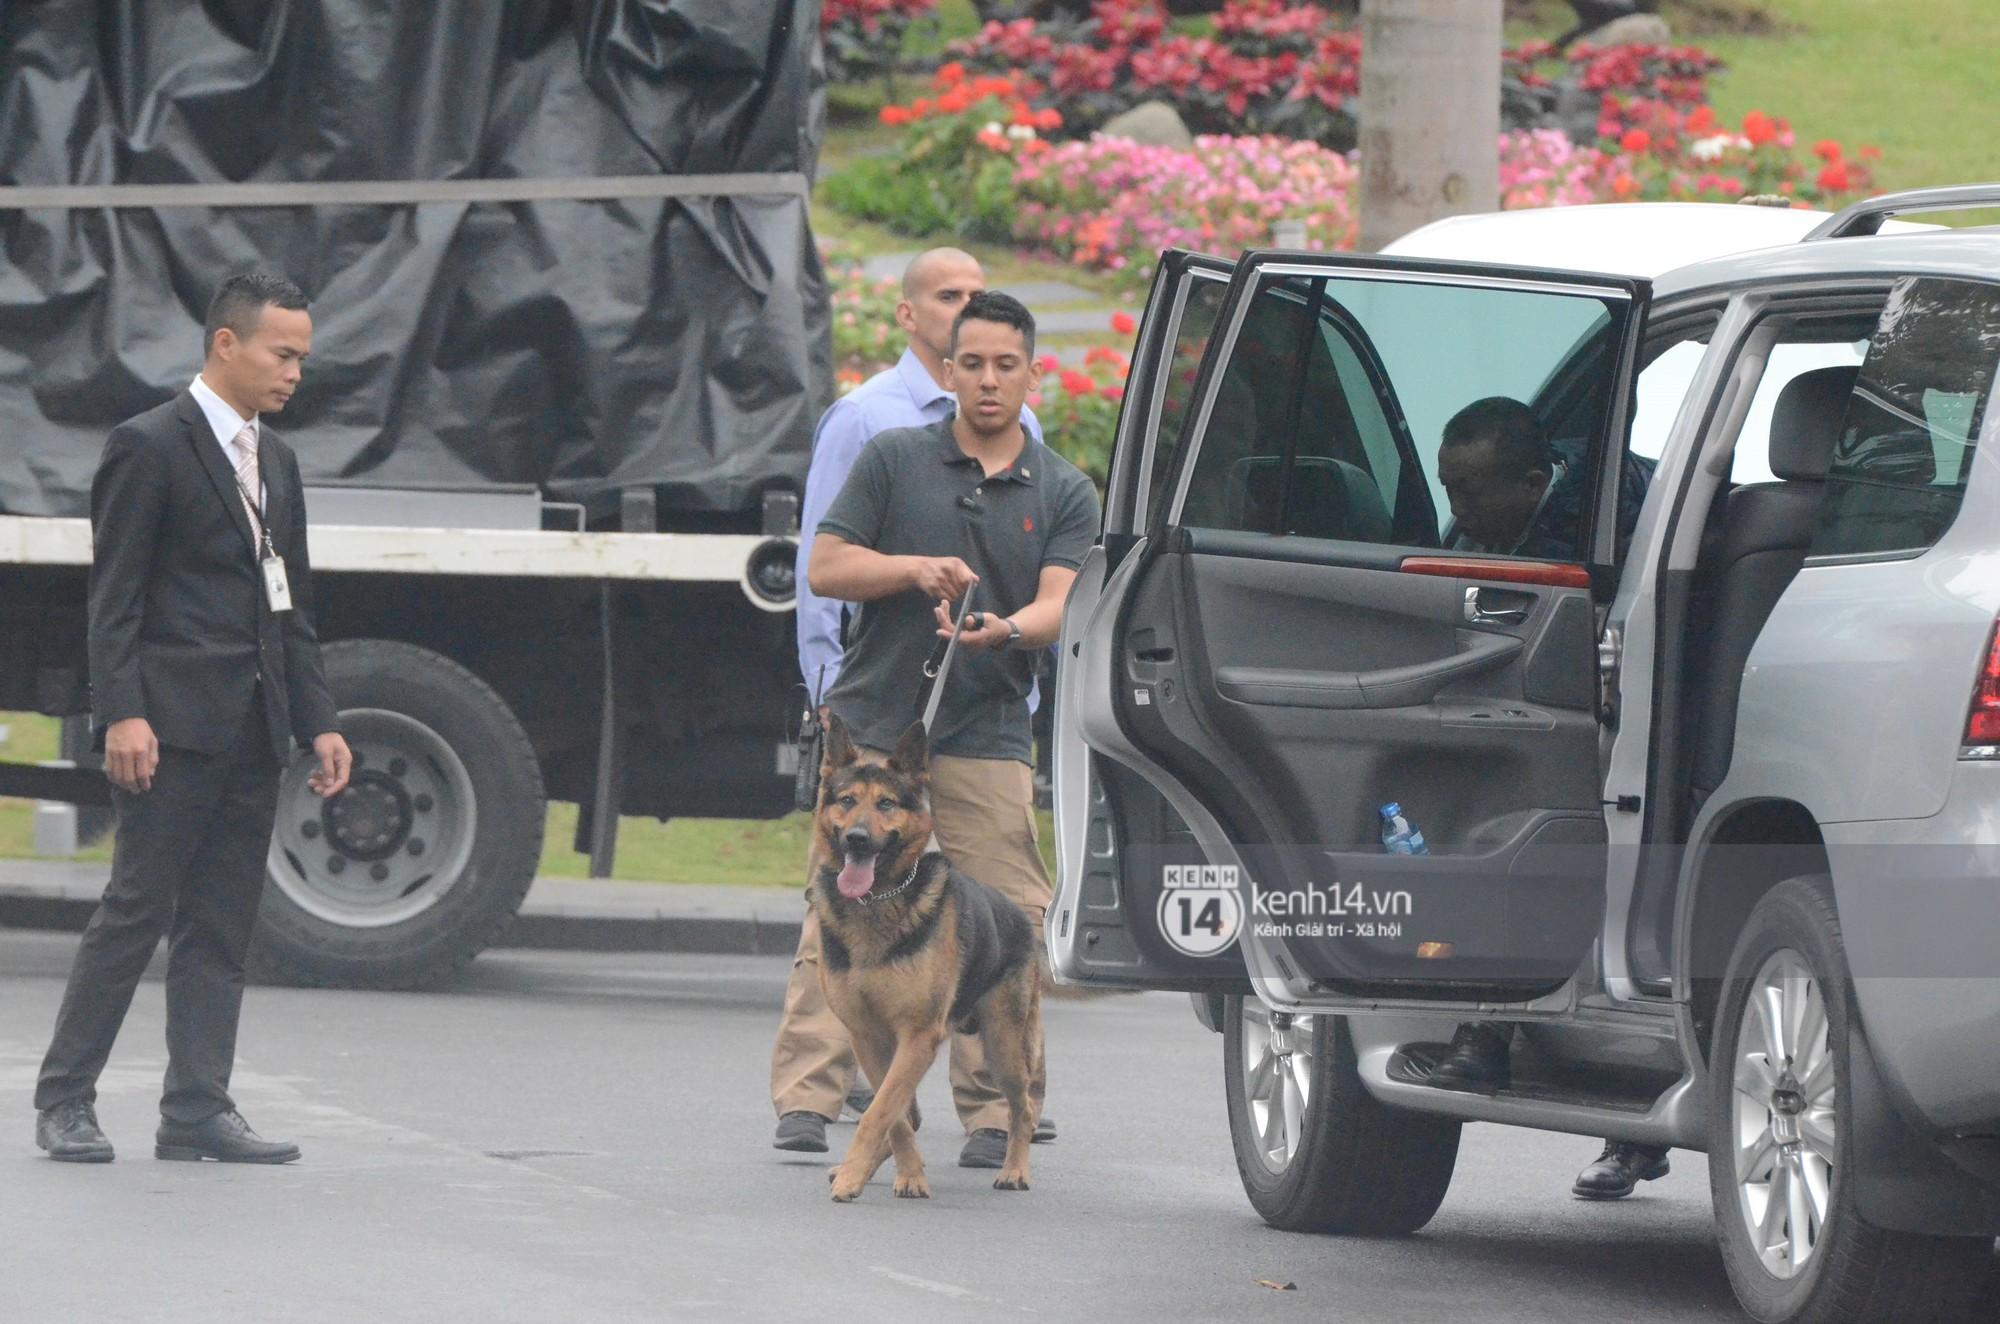 An ninh tại khách sạn Marriott được thắt chặt, TT Trump chuẩn bị lên đường gặp gỡ Tổng bí thư, Chủ tịch nước Nguyễn Phú Trọng - Ảnh 8.